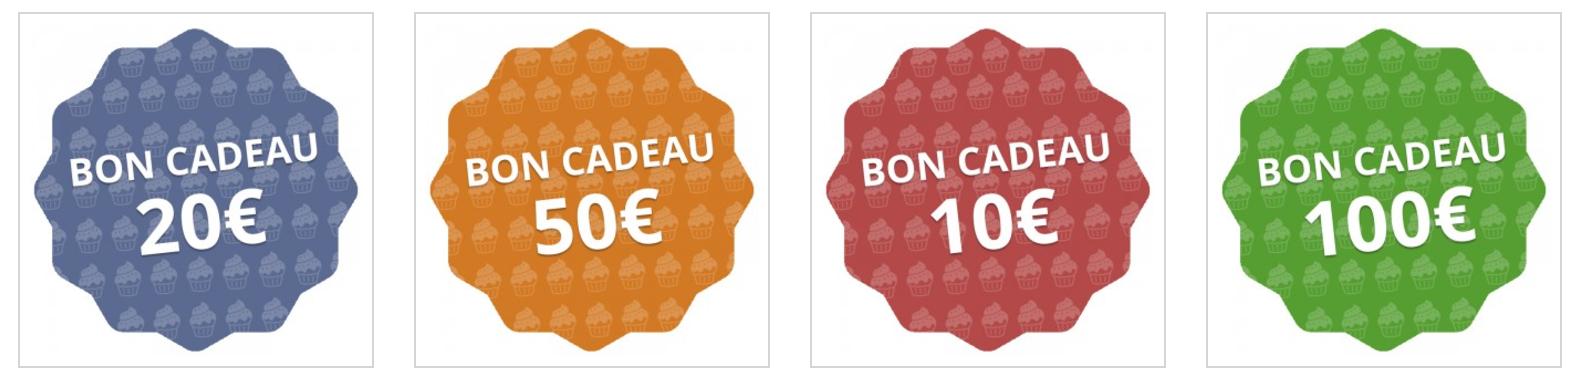 bon cadeau labo&gato, atelier de pâtisserie, cours de cuisine à Bordeaux et toulouse